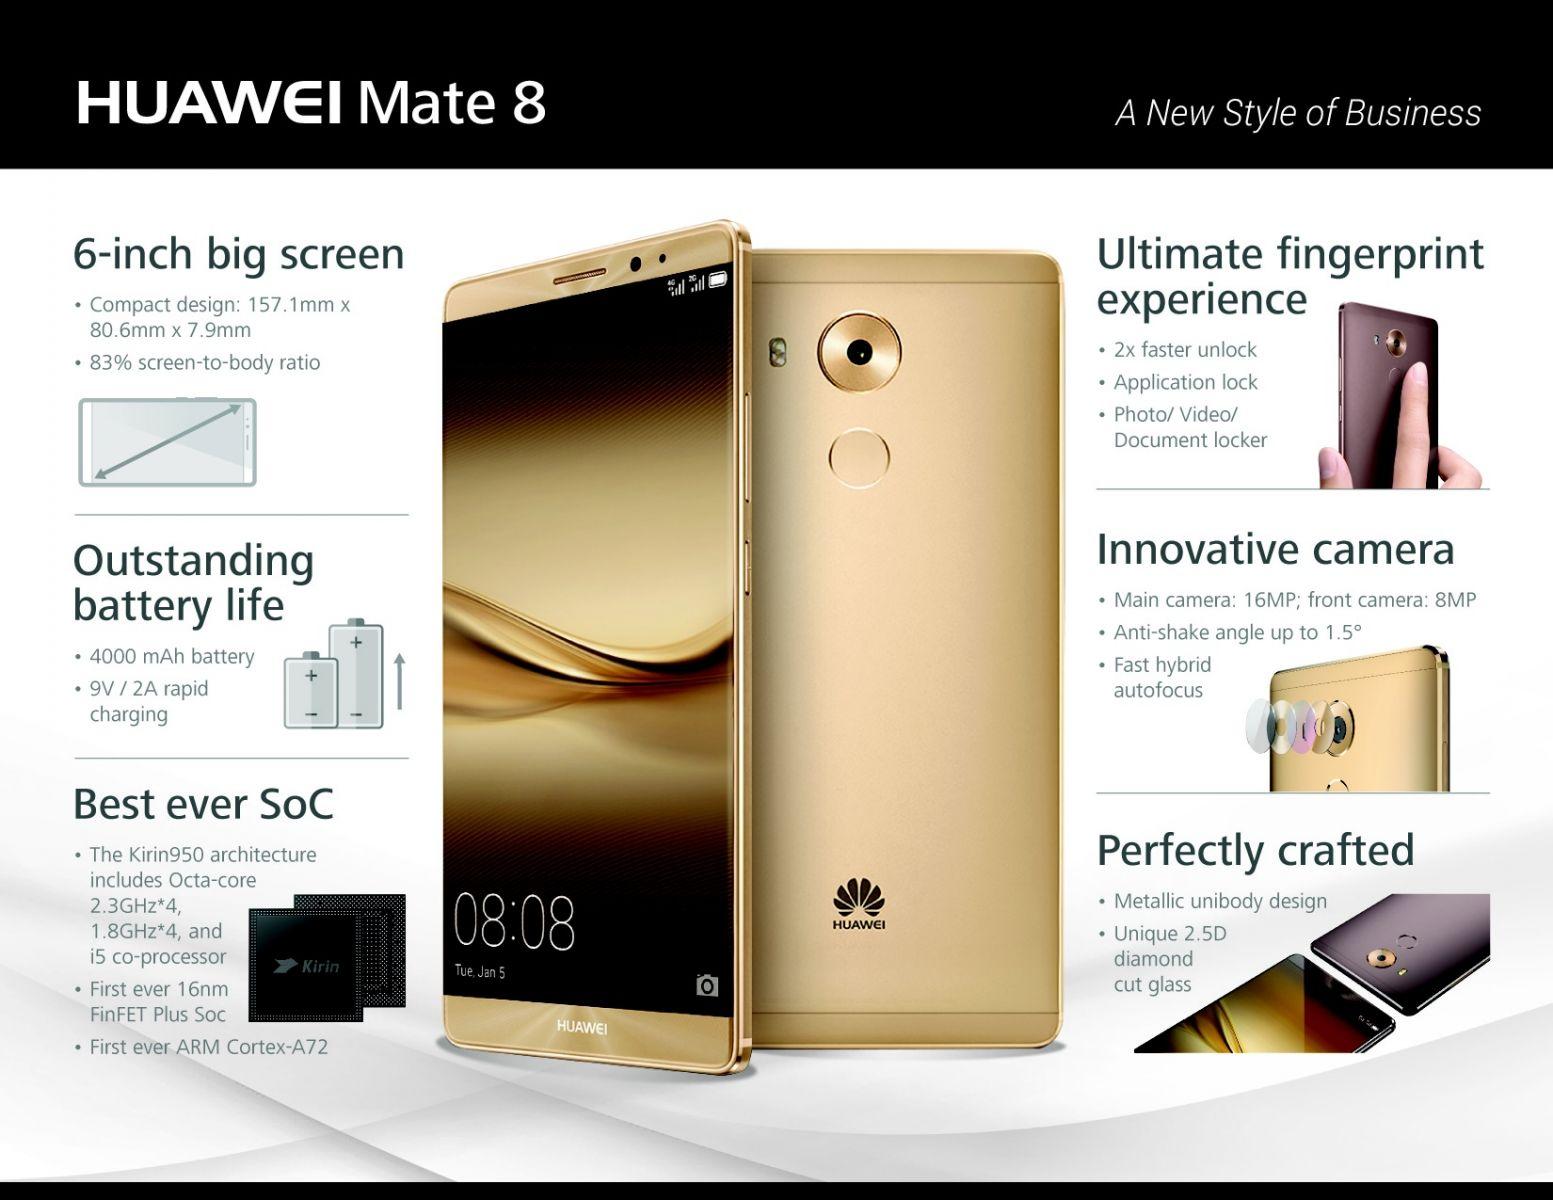 Huawei predstavuje novú vlajkovú loď Mate 8 s výkonným čipsetom Kirin 950